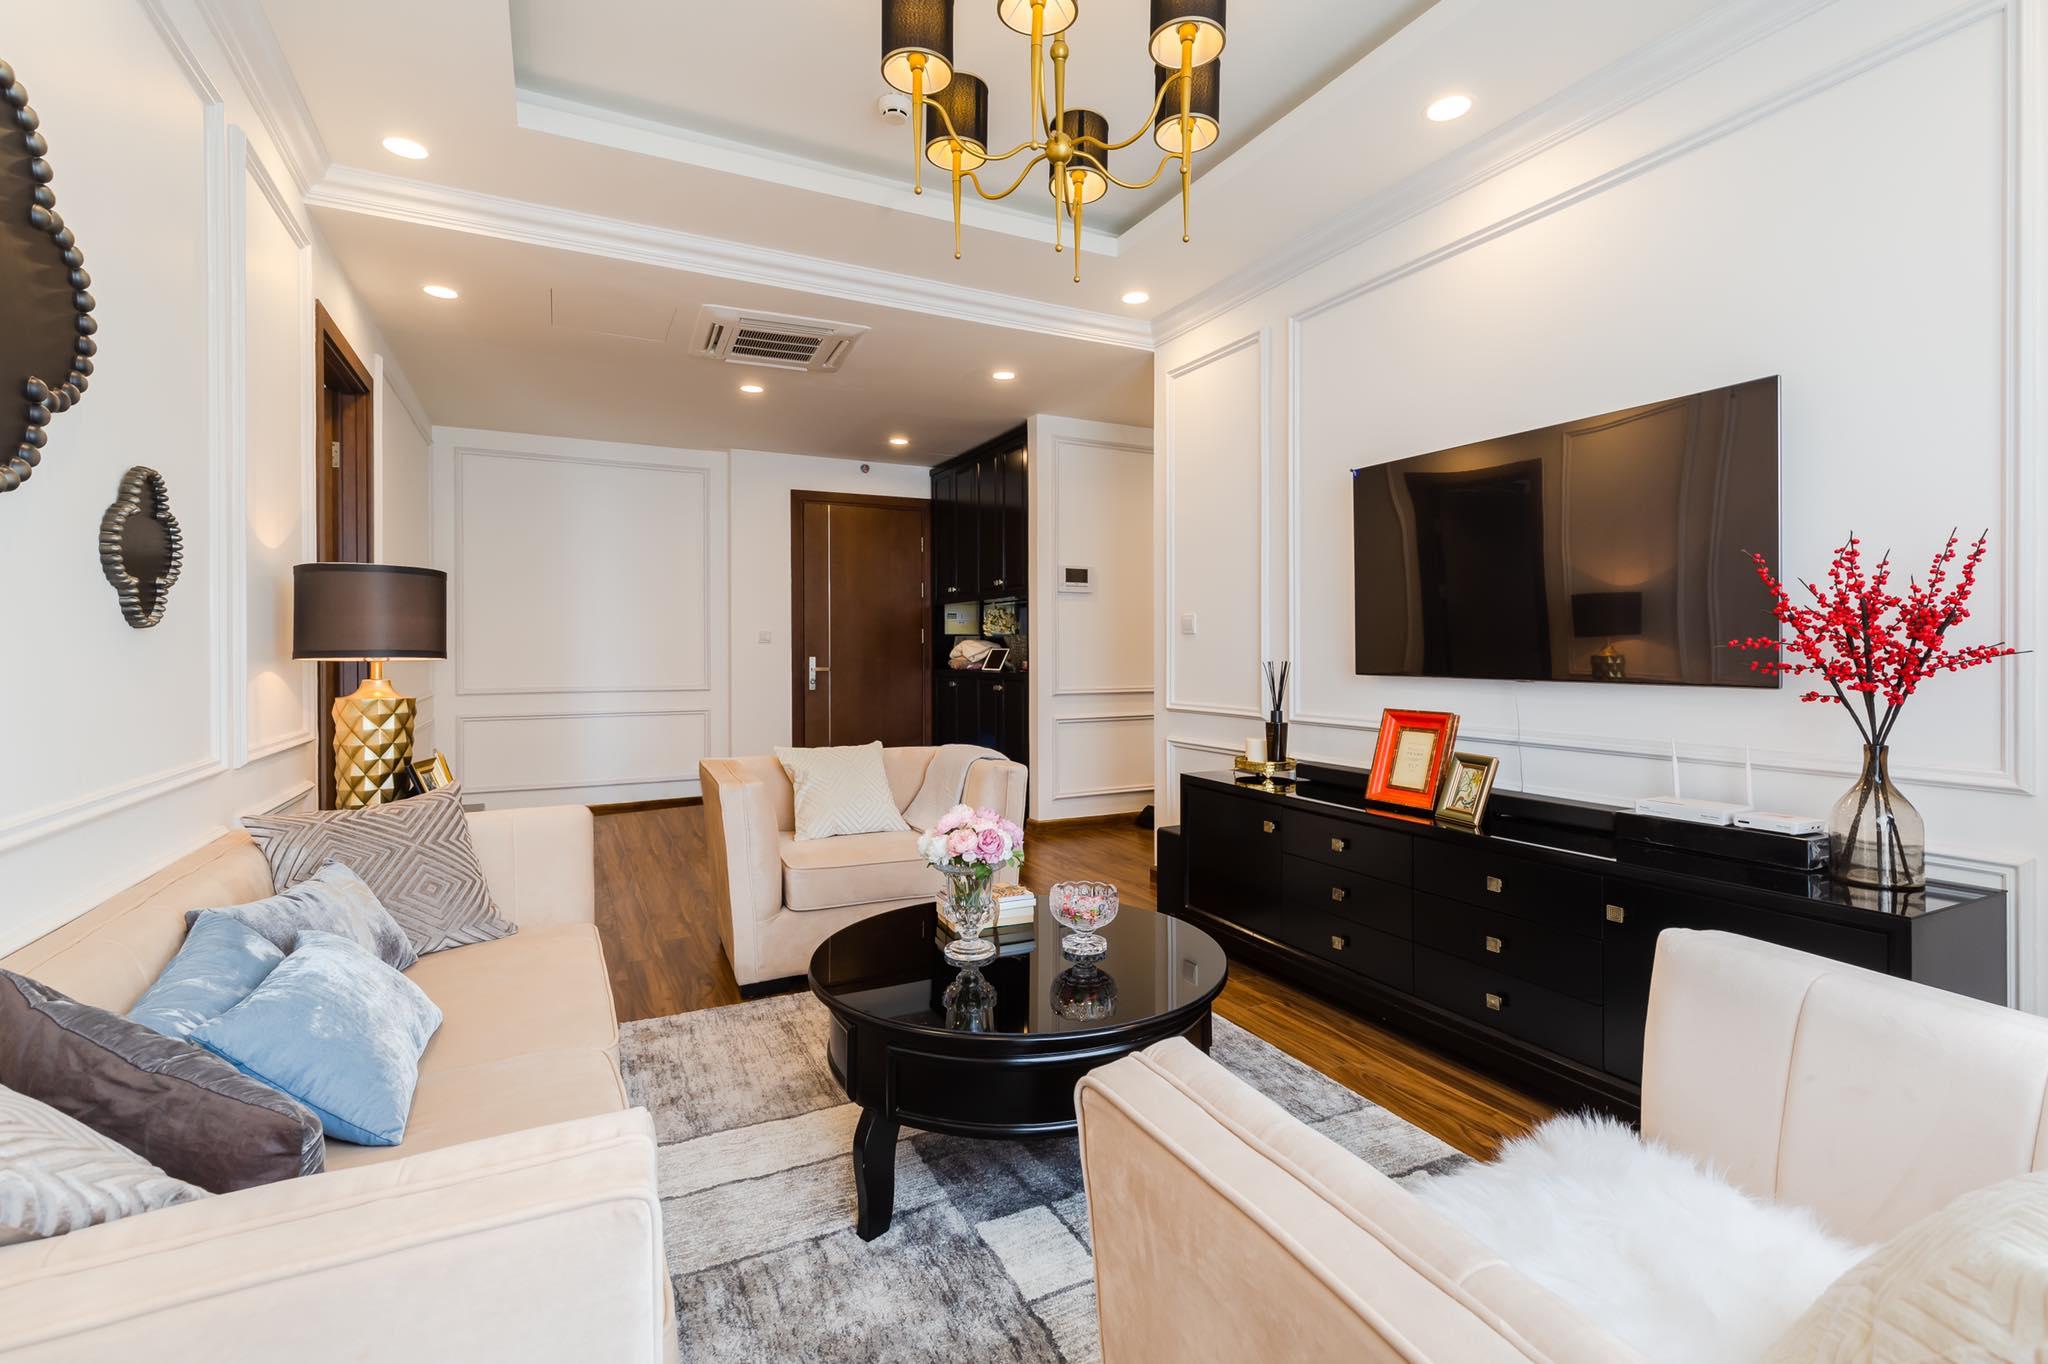 Gia chủ không cần sắm nhiều nội thất, nhưng hãy đảm bảo từng món đồ đều chất lượng và hài hòa với nhau. Ảnh: FHouse interior.